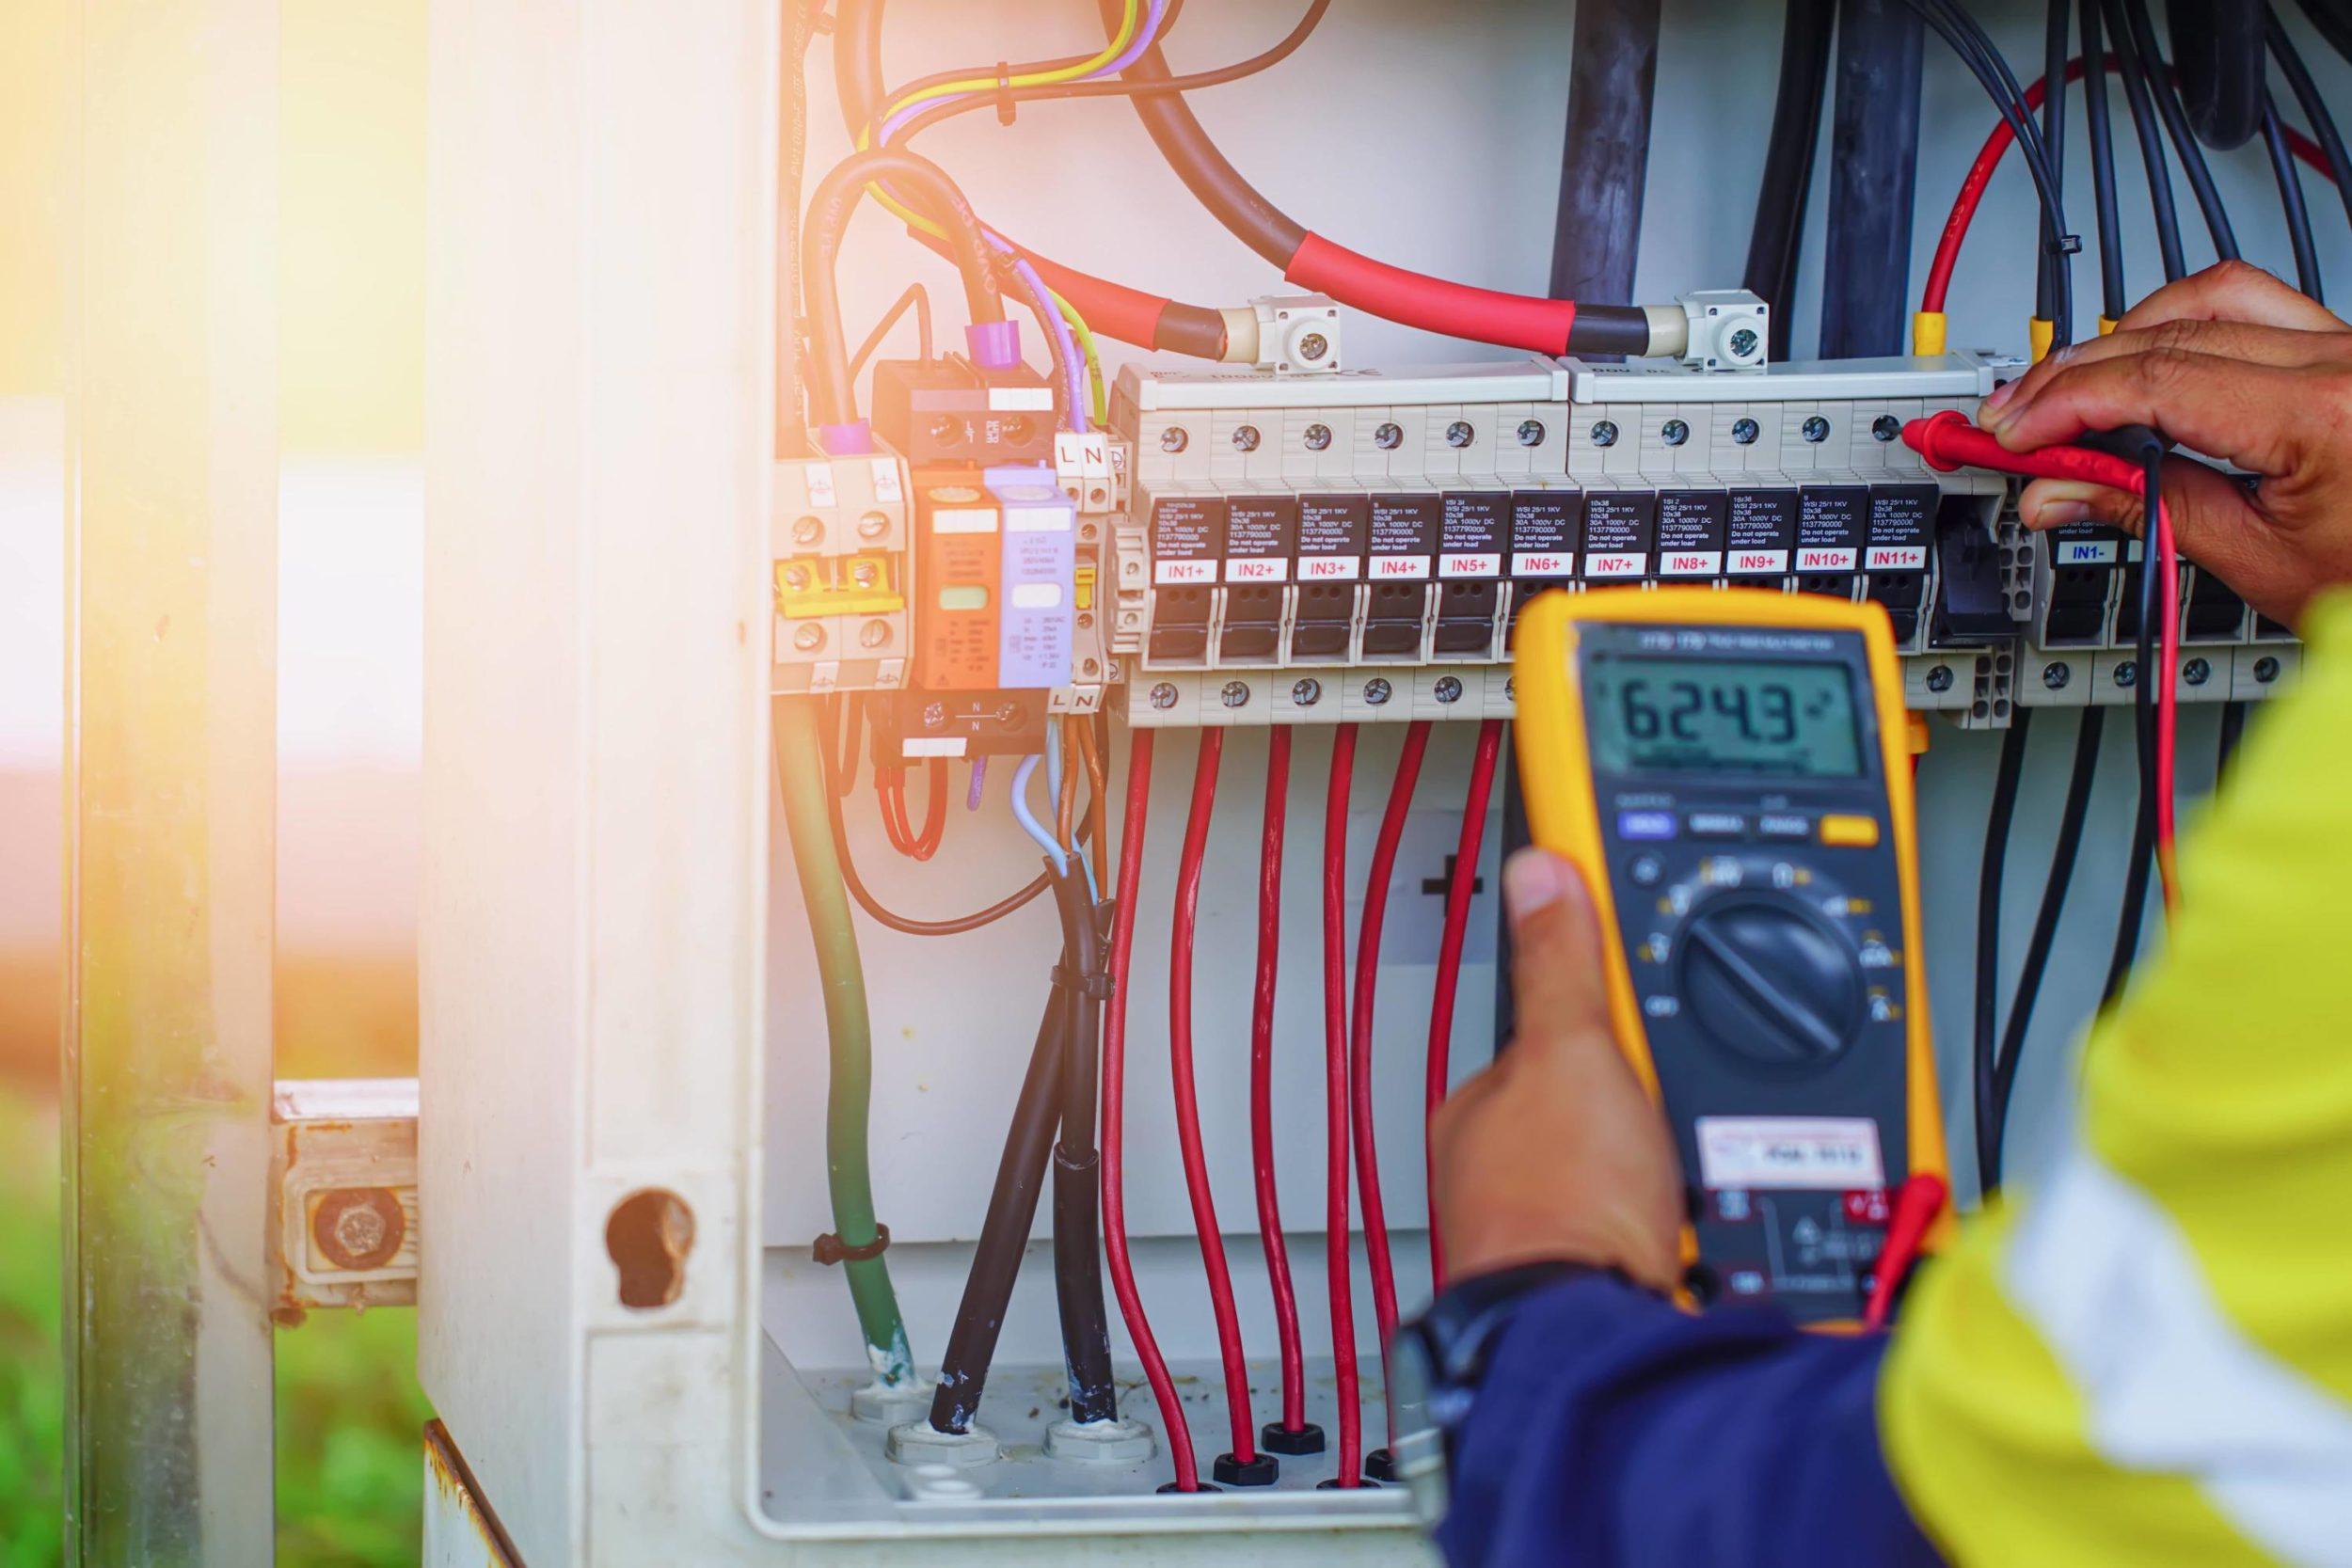 Unidad de Inspeccion de Instalaciones Electricas (UVIE)